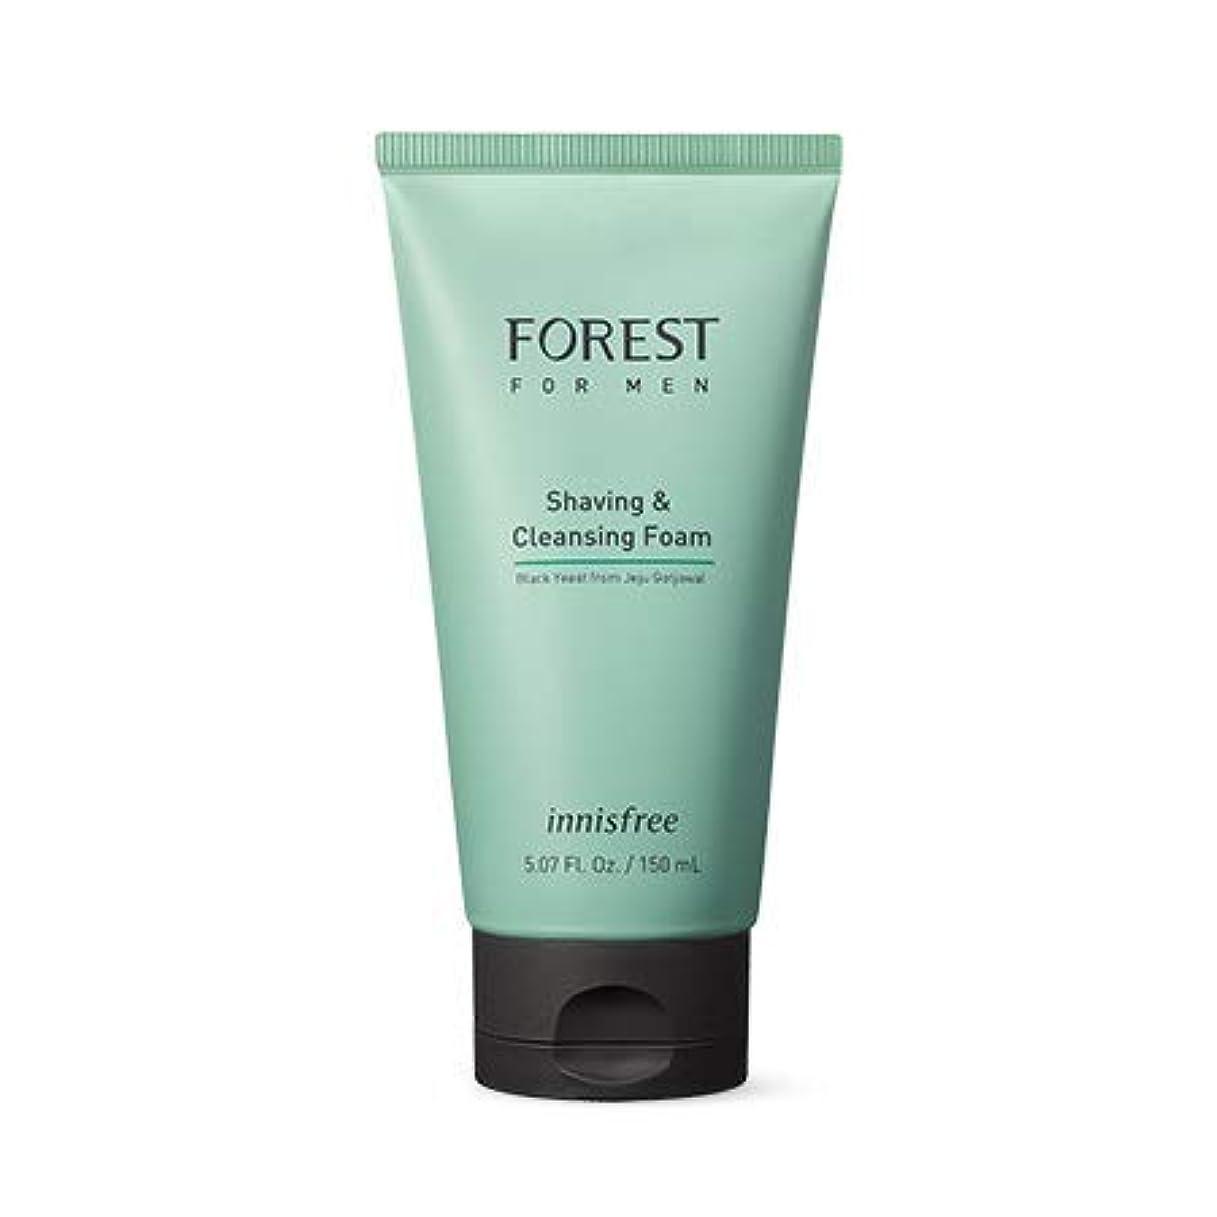 同一性曇ったヤング[イニスフリー.innisfree]フォレストフォアマンシェービング&クレンジングフォーム150mL(2019.05新製品)/ Forest for Men Shaving&Cleansing Foam